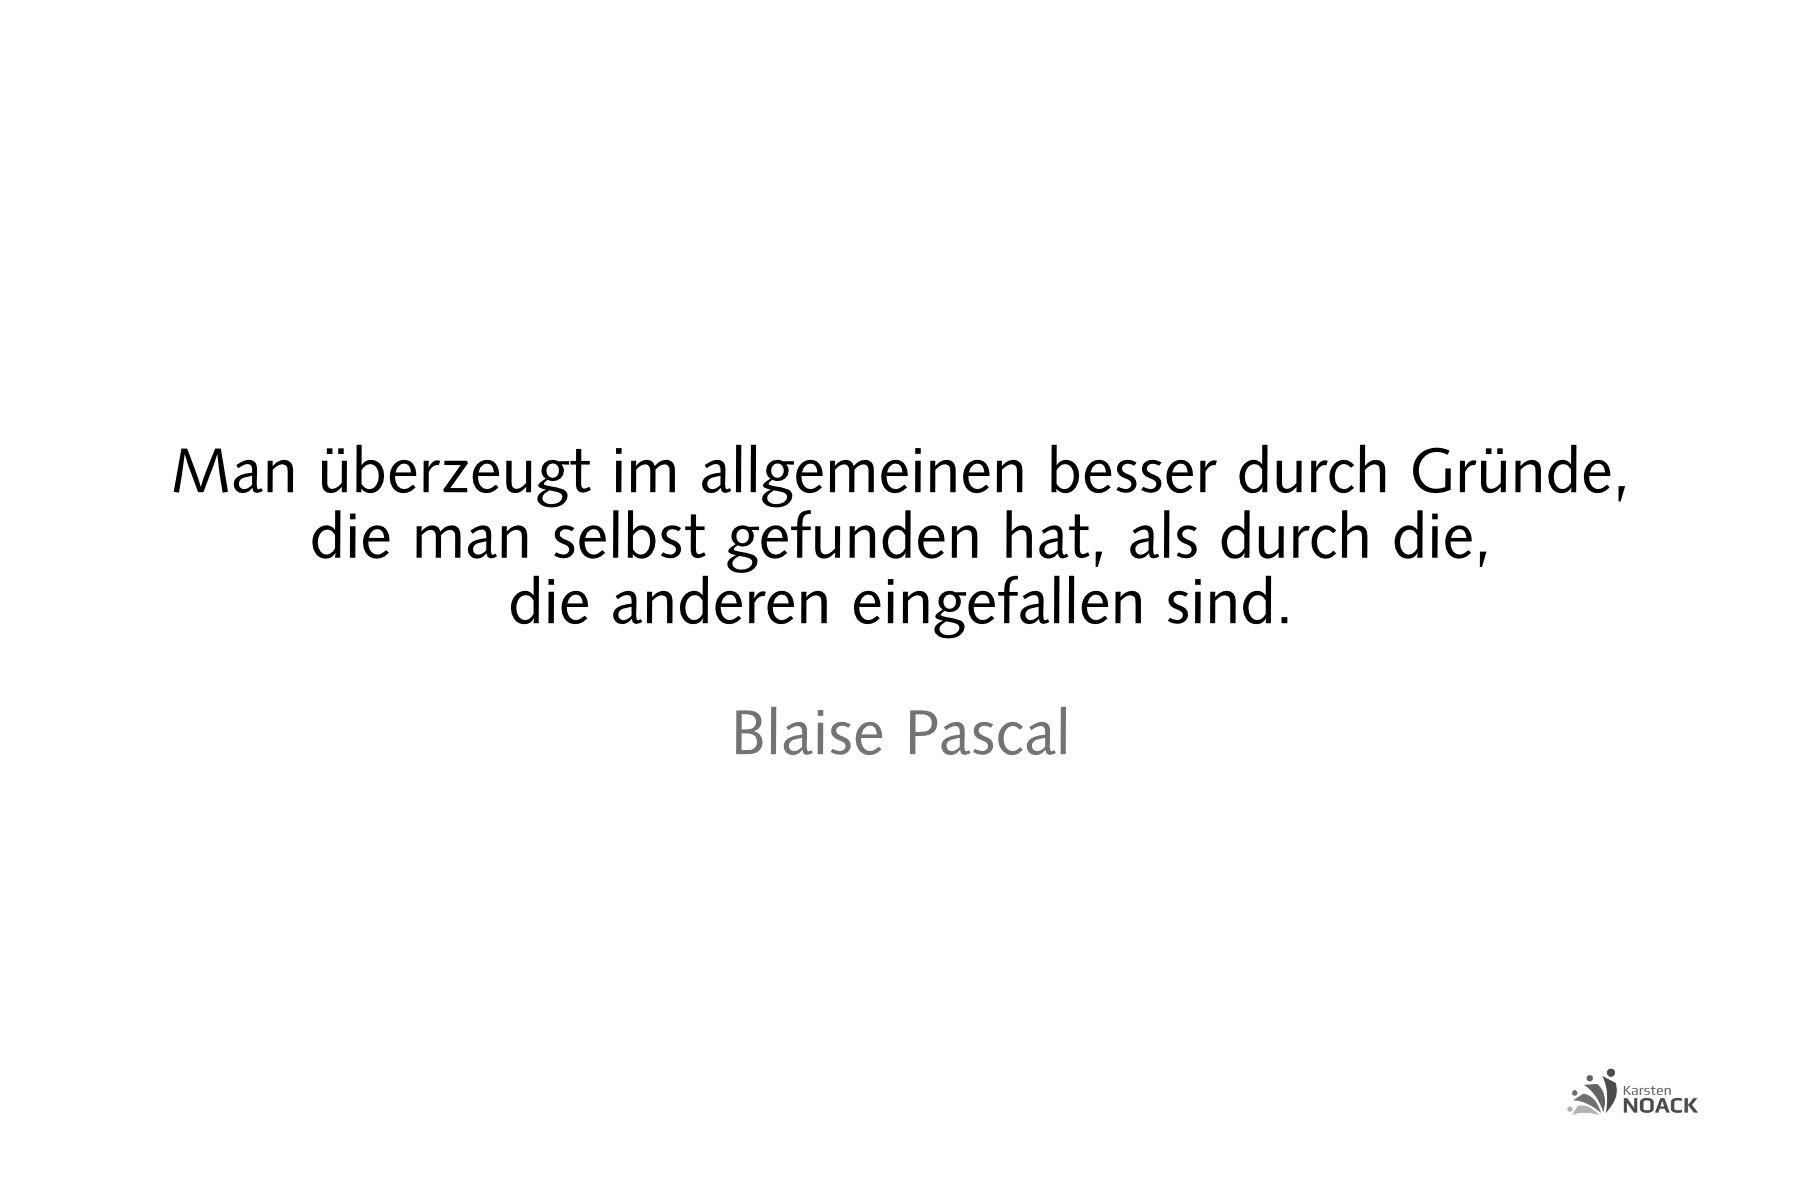 Man überzeugt im allgemeinen besser durch Gründe, die man selbst gefunden hat, als durch die, die anderen eingefallen sind. Blaise Pascal